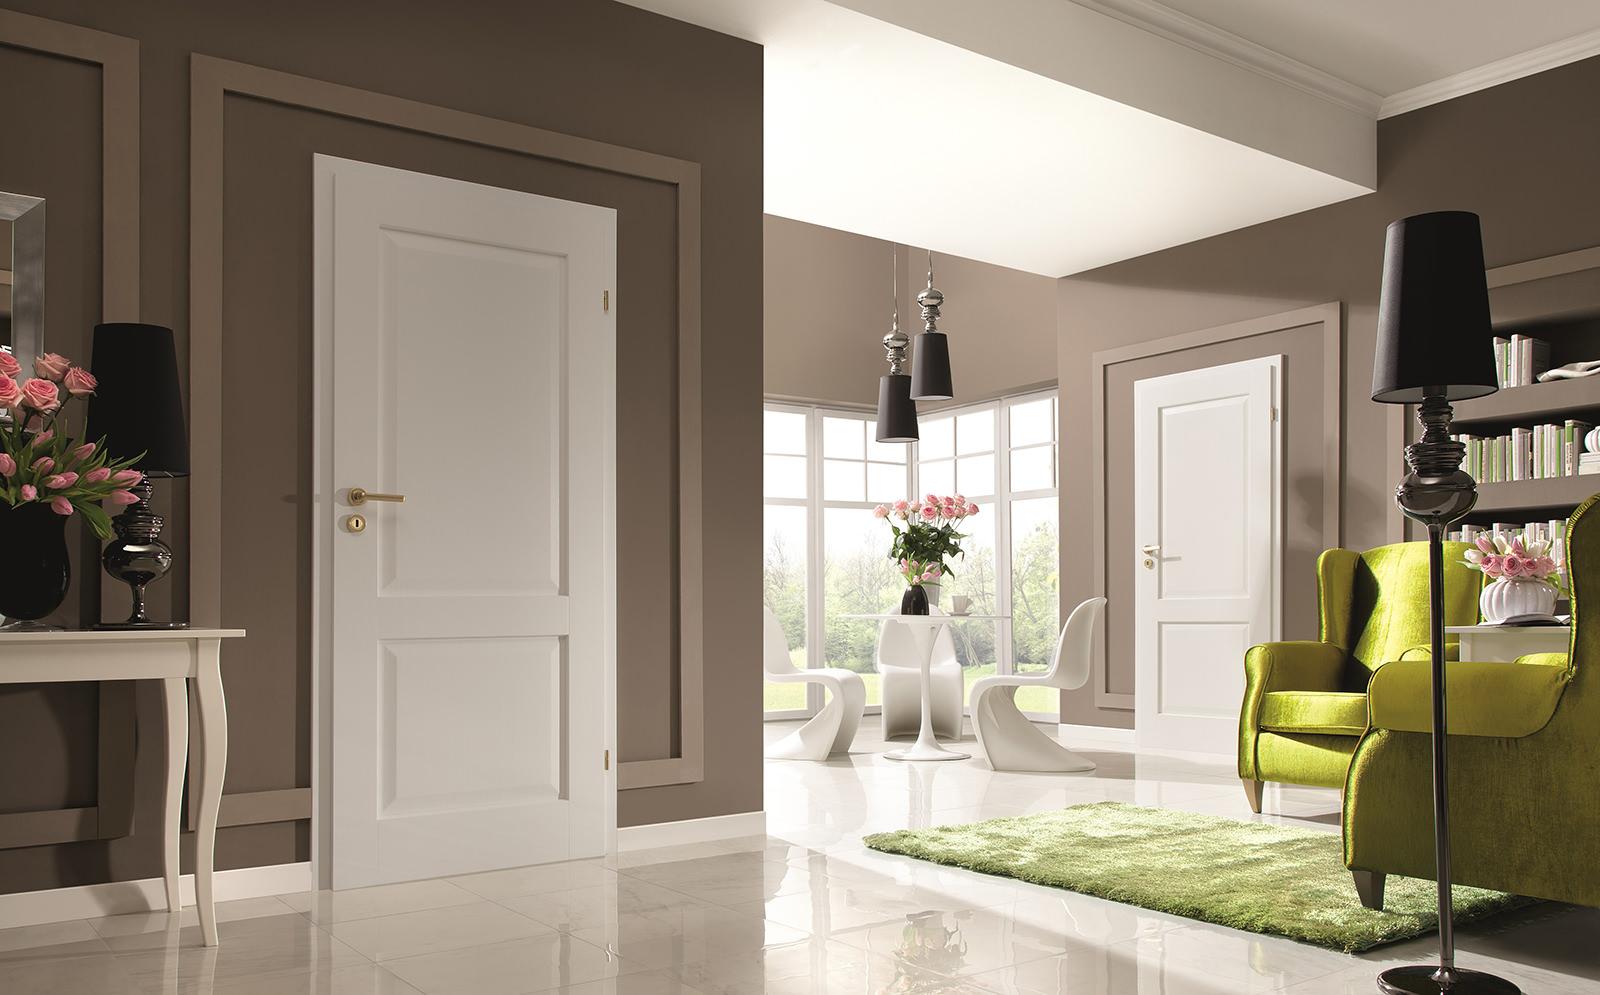 Использование белого плинтуса в интерьере в стиле минимализм